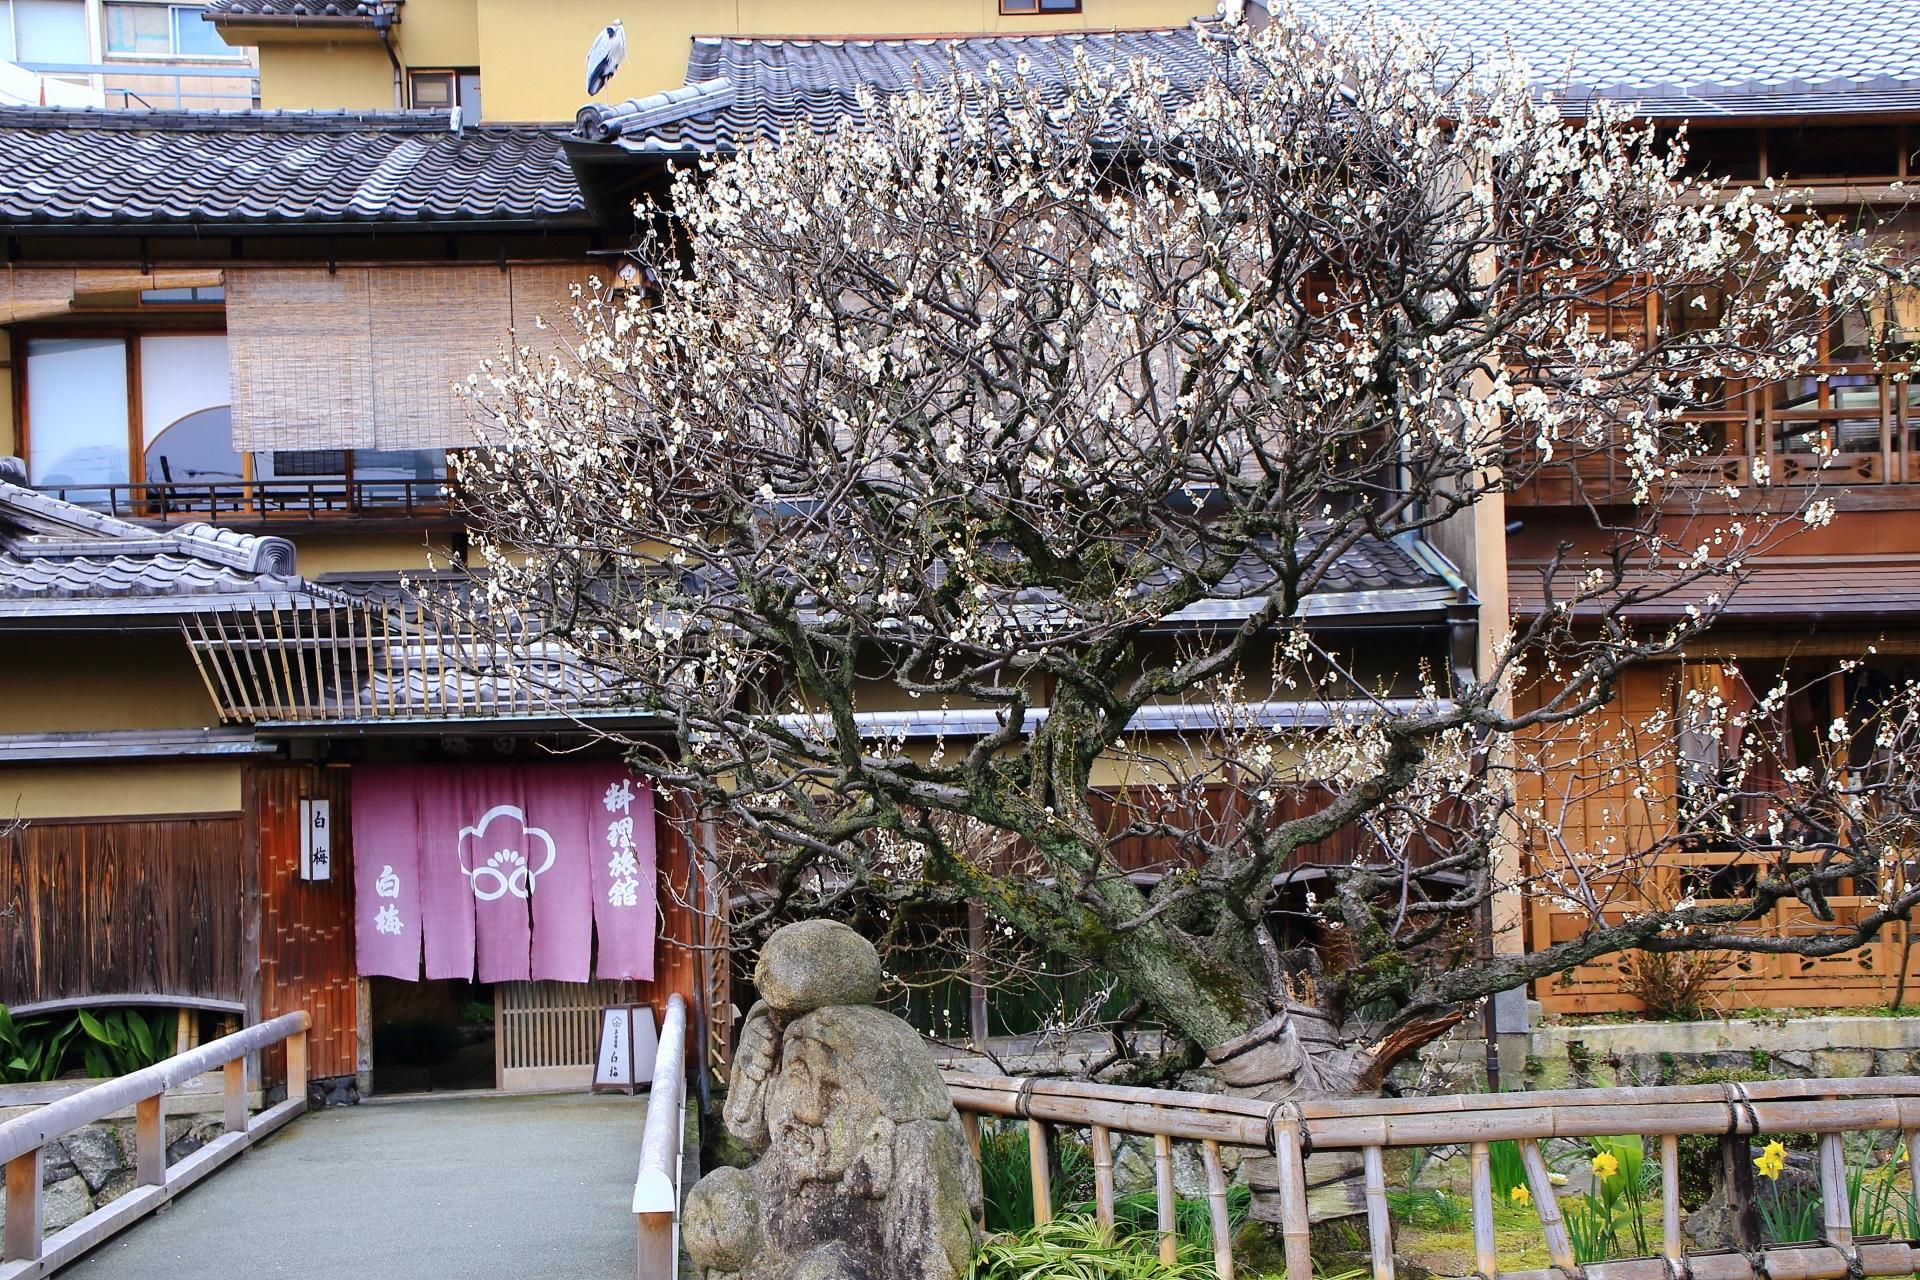 祇園白川の素晴らしい梅と風情ある街並み